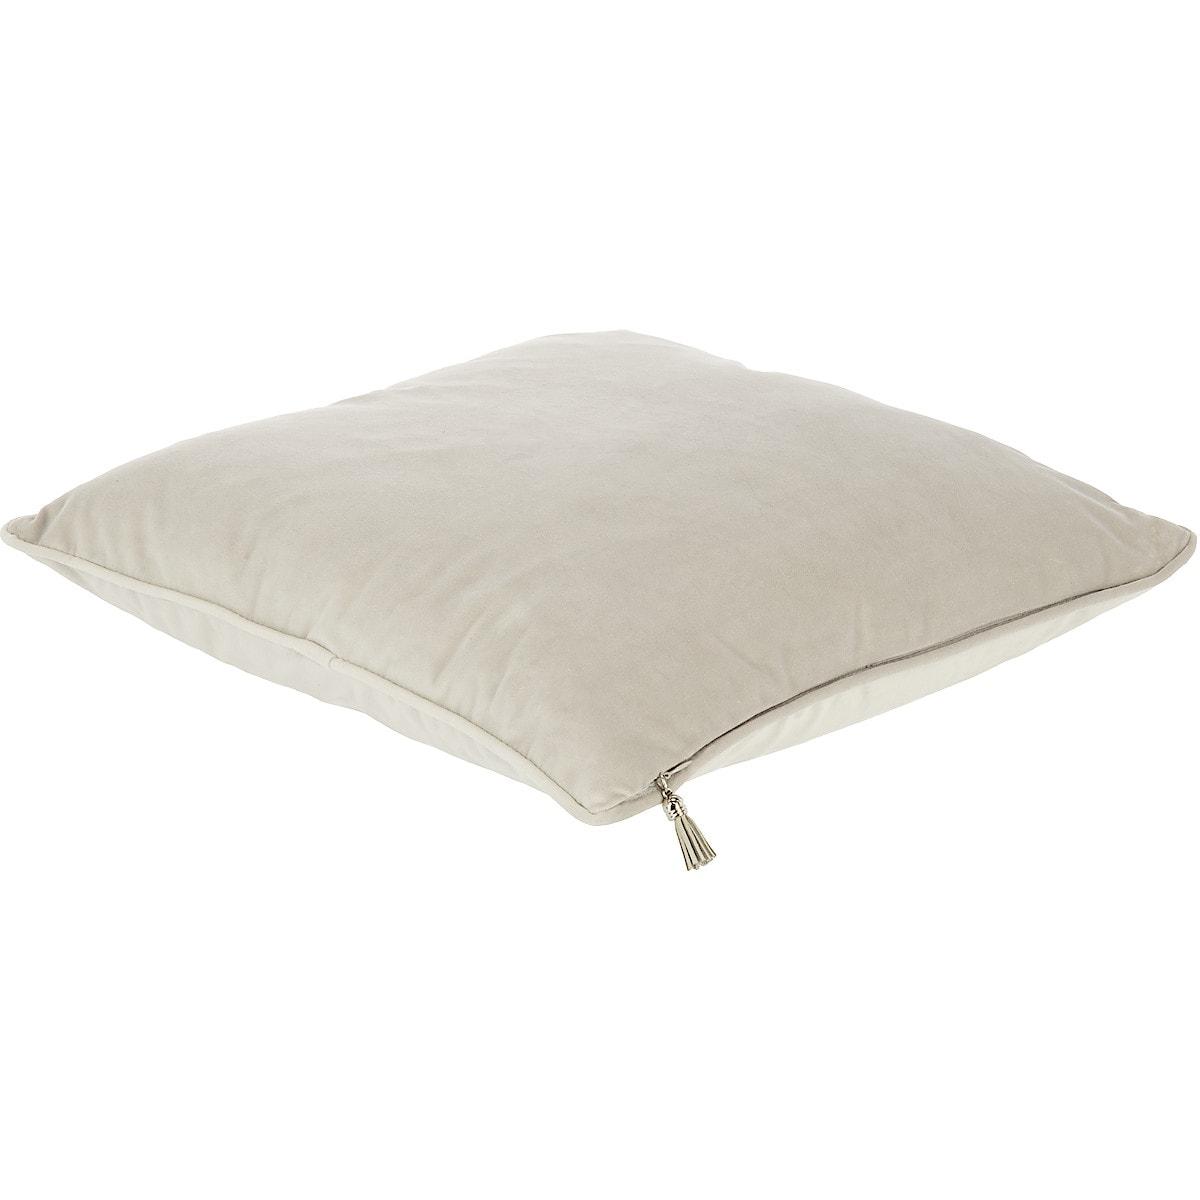 Cushion Cover 45x45 cm